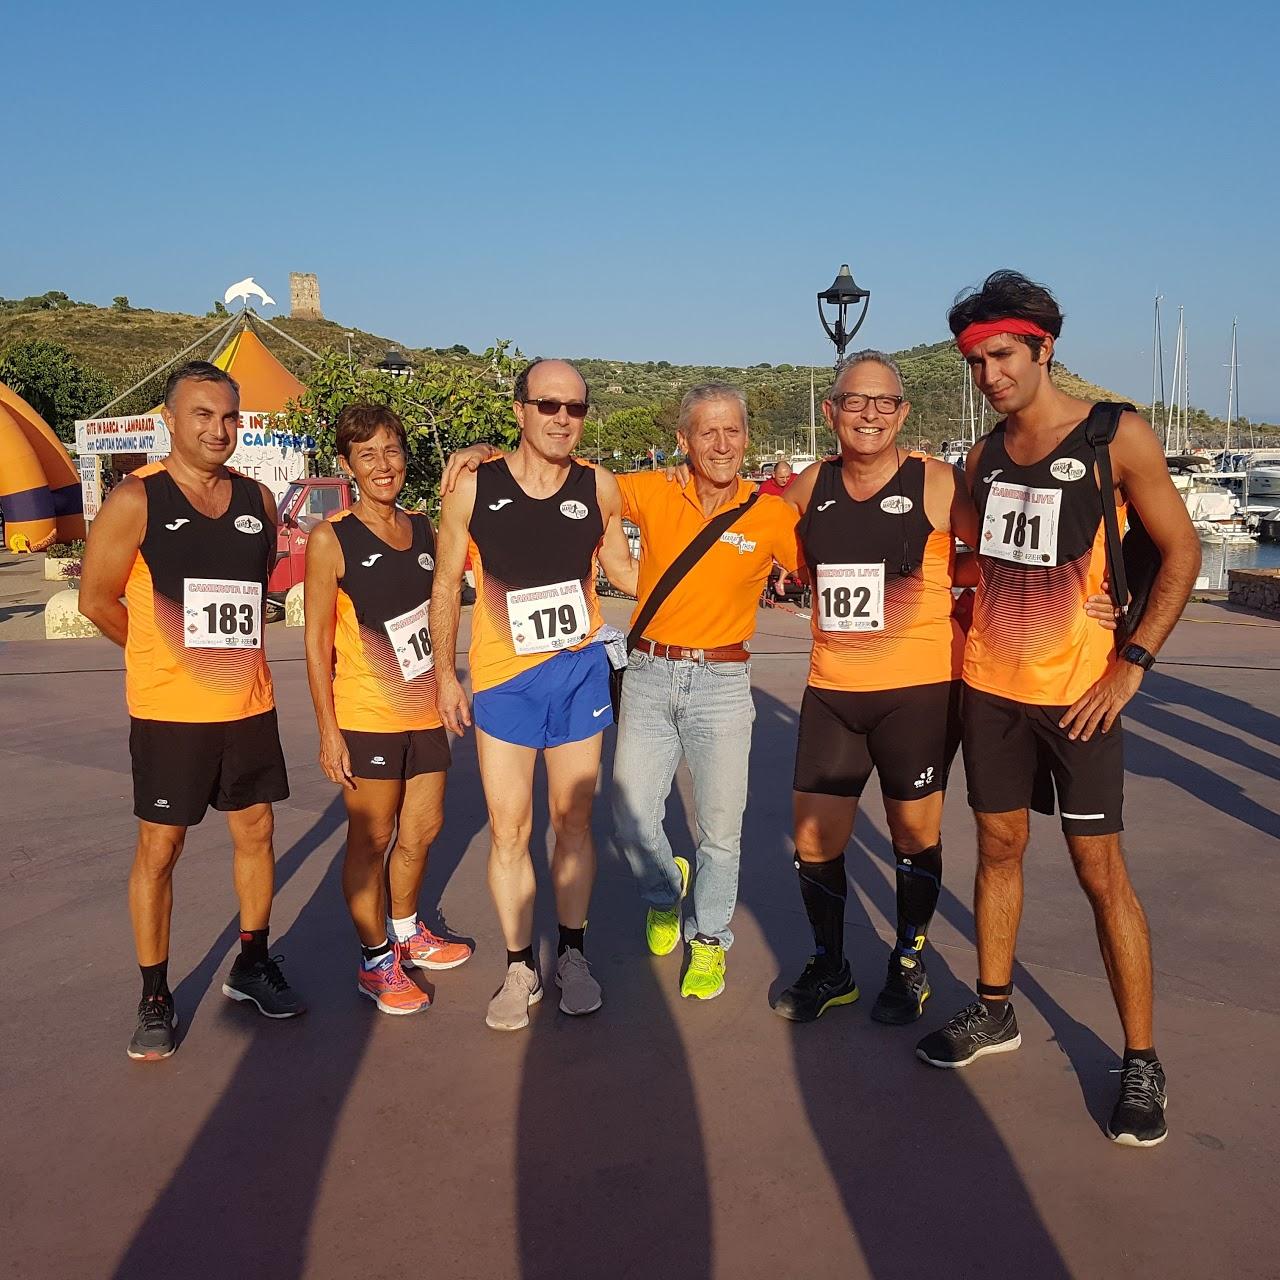 Sele Marathon Camerota Live